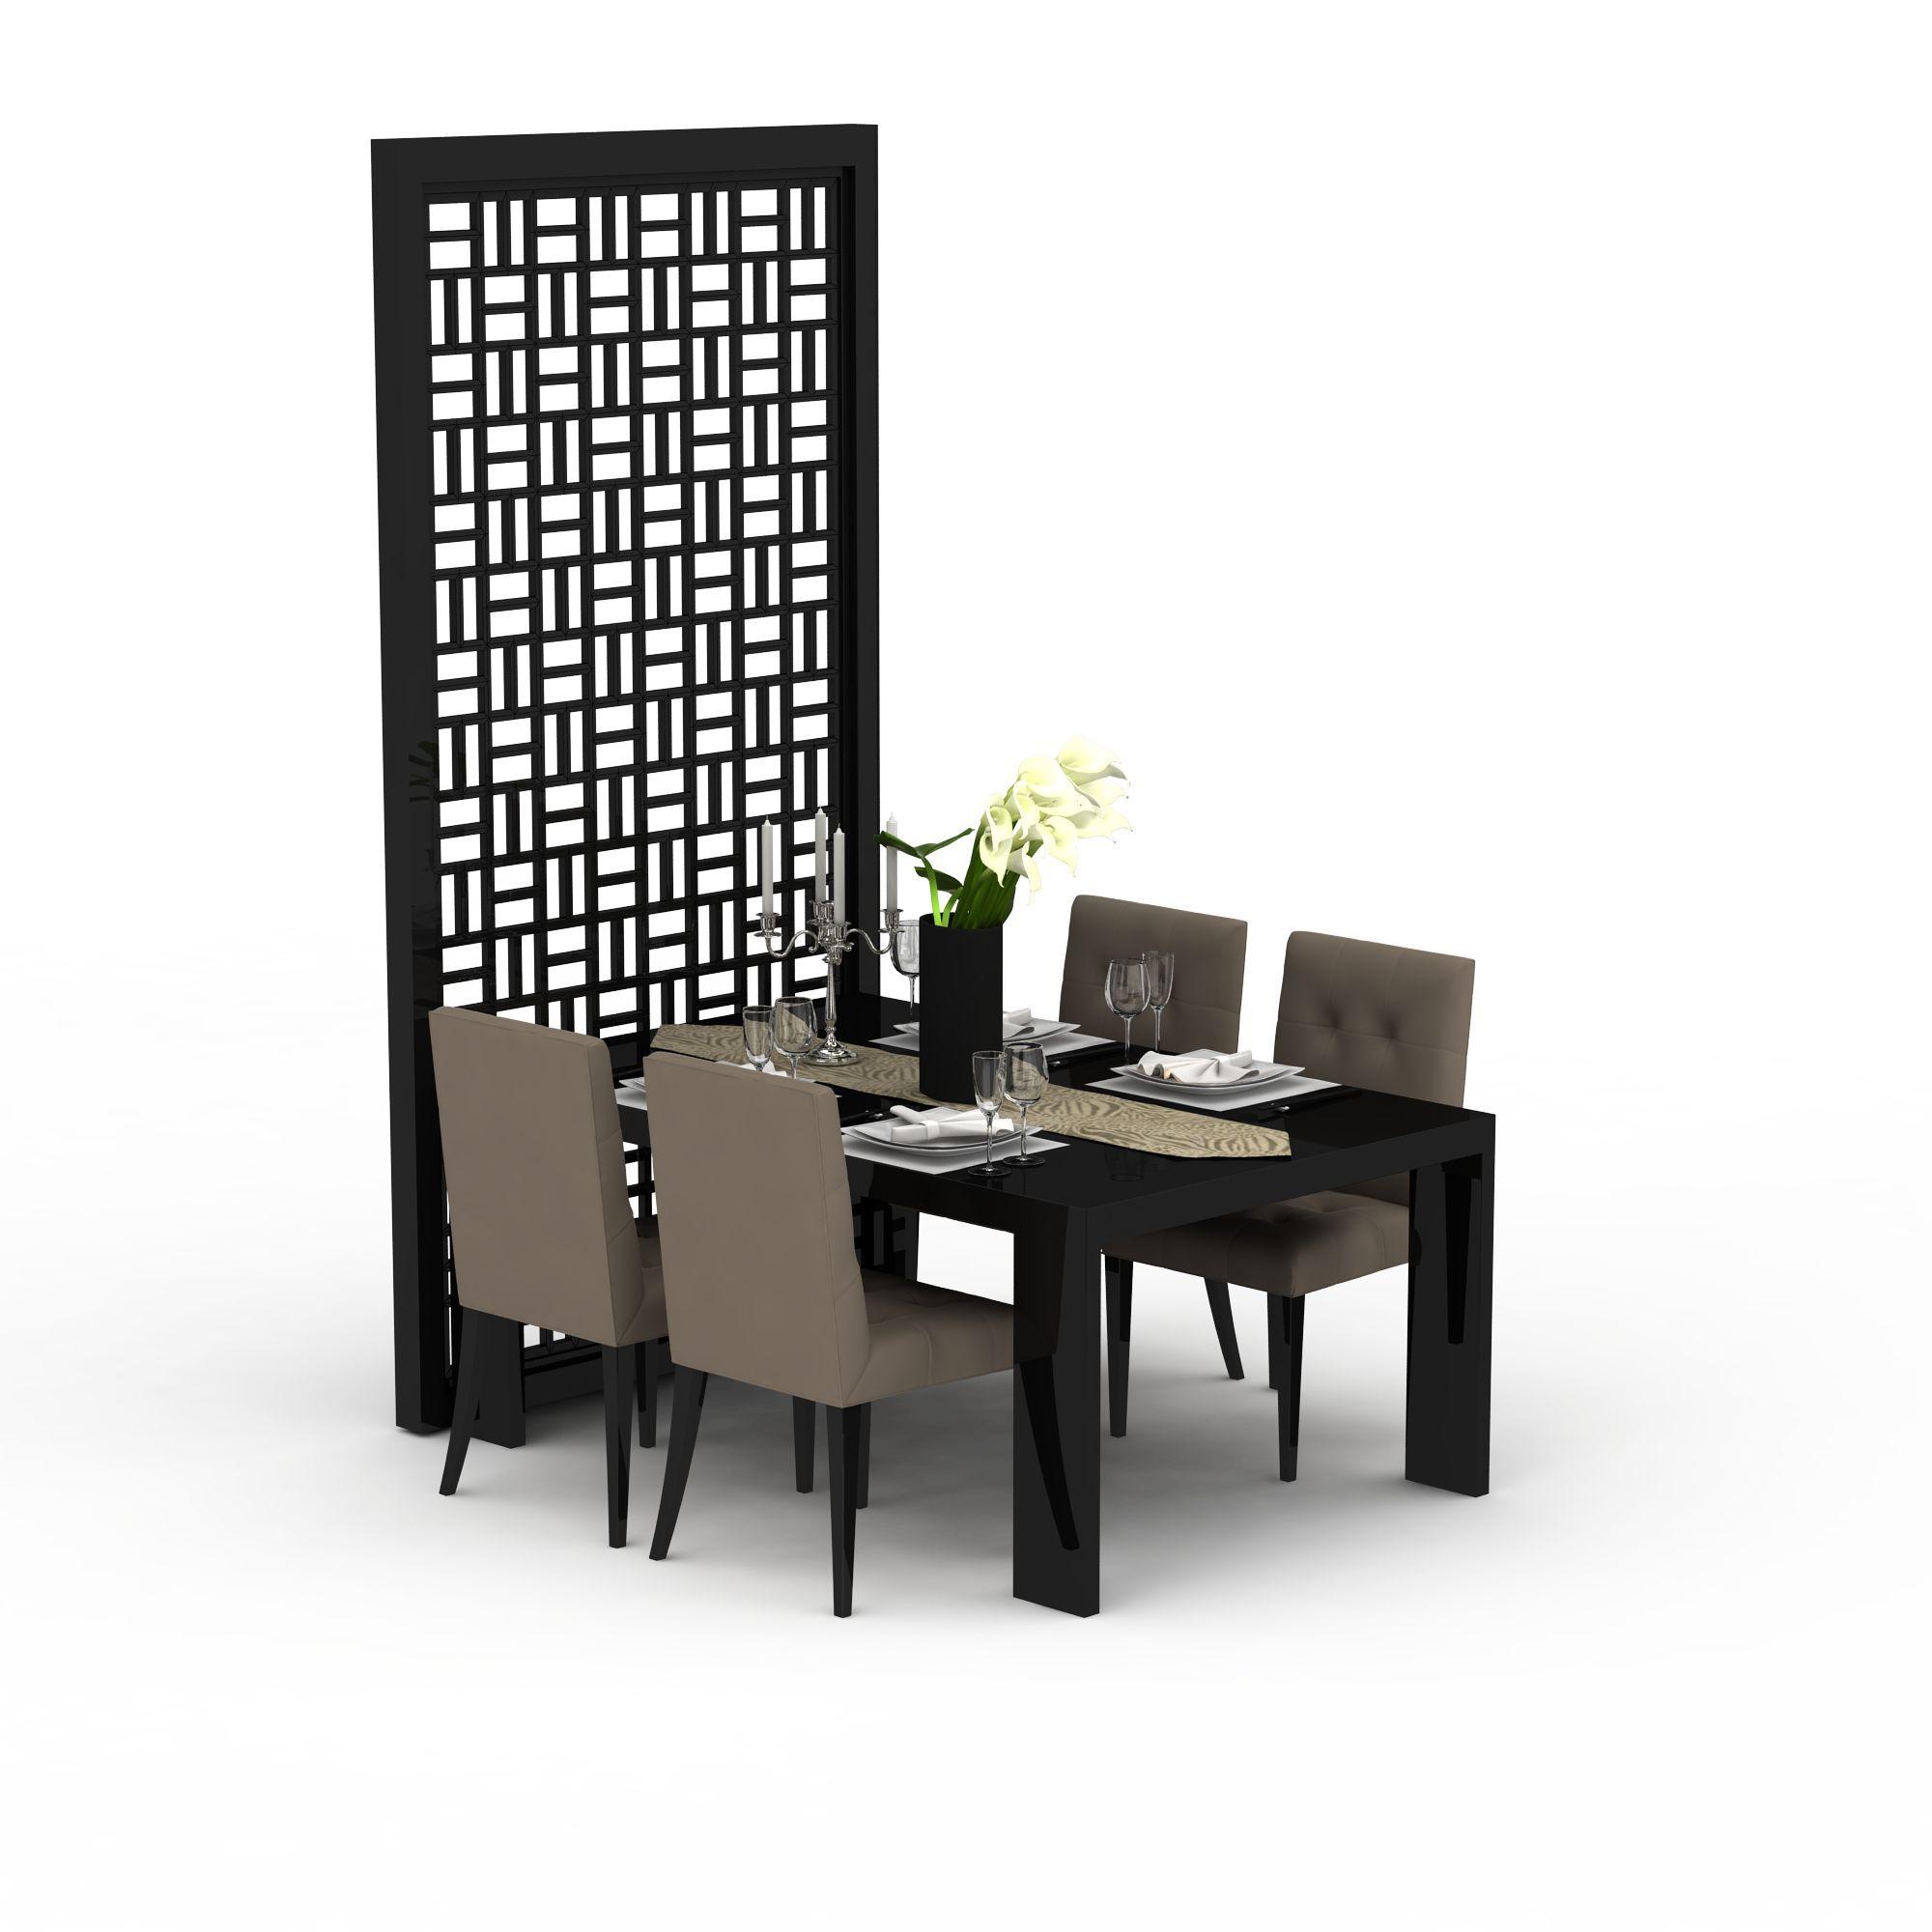 中式餐桌组合图片_中式餐桌组合png图片素材_中式餐桌图片